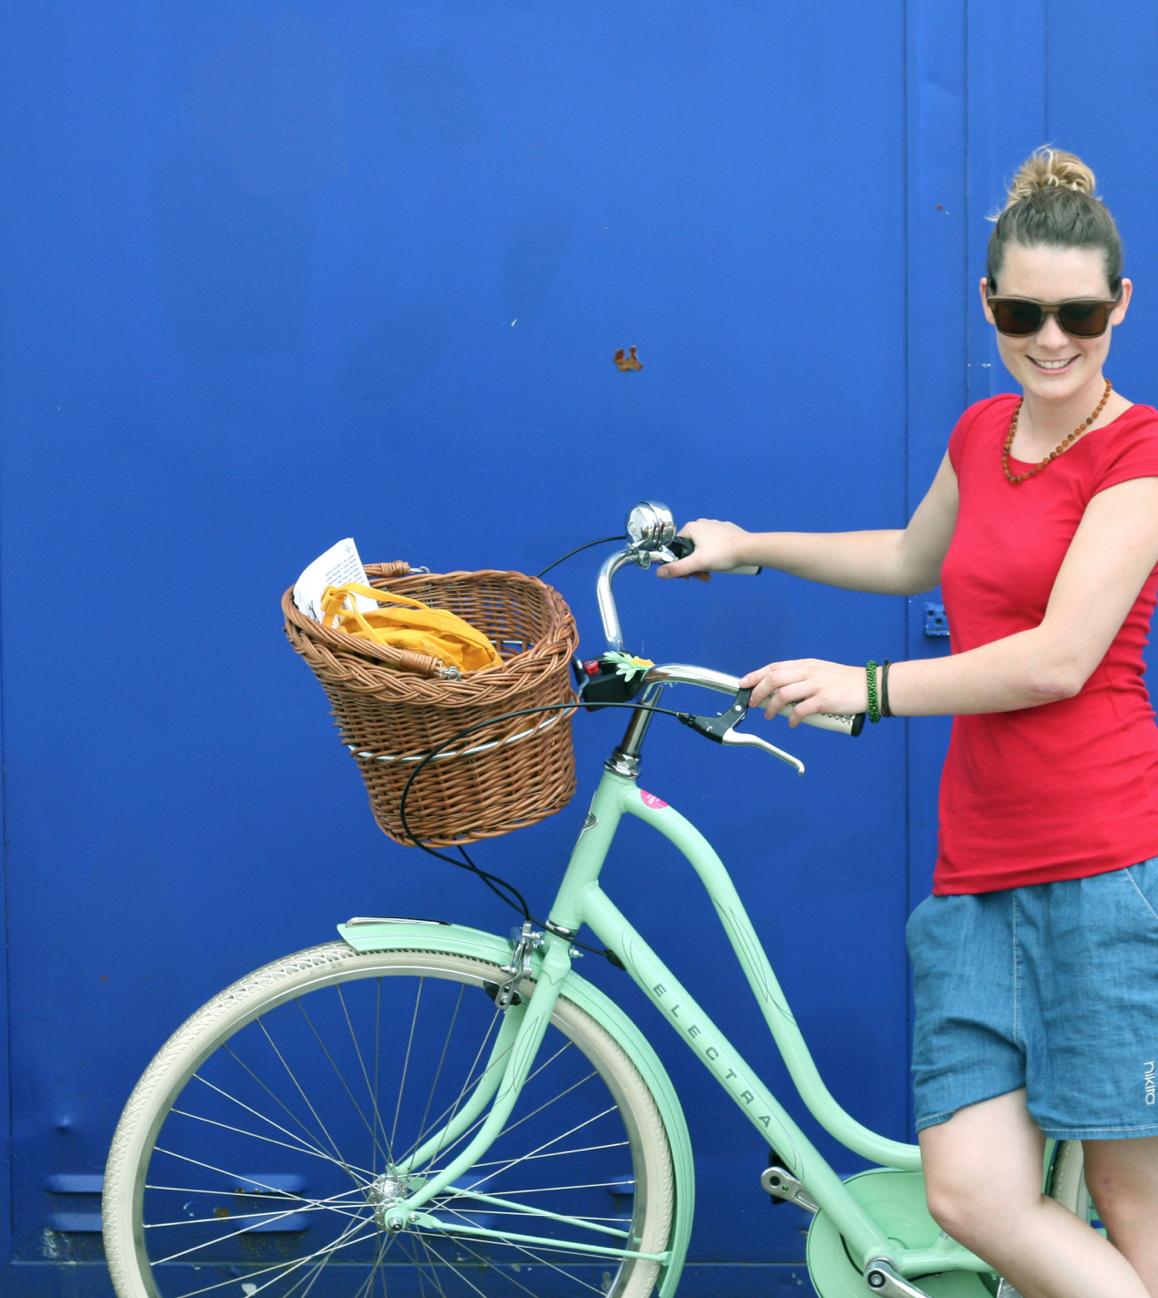 maybeyoulike_electra_amsterdam_bike_3